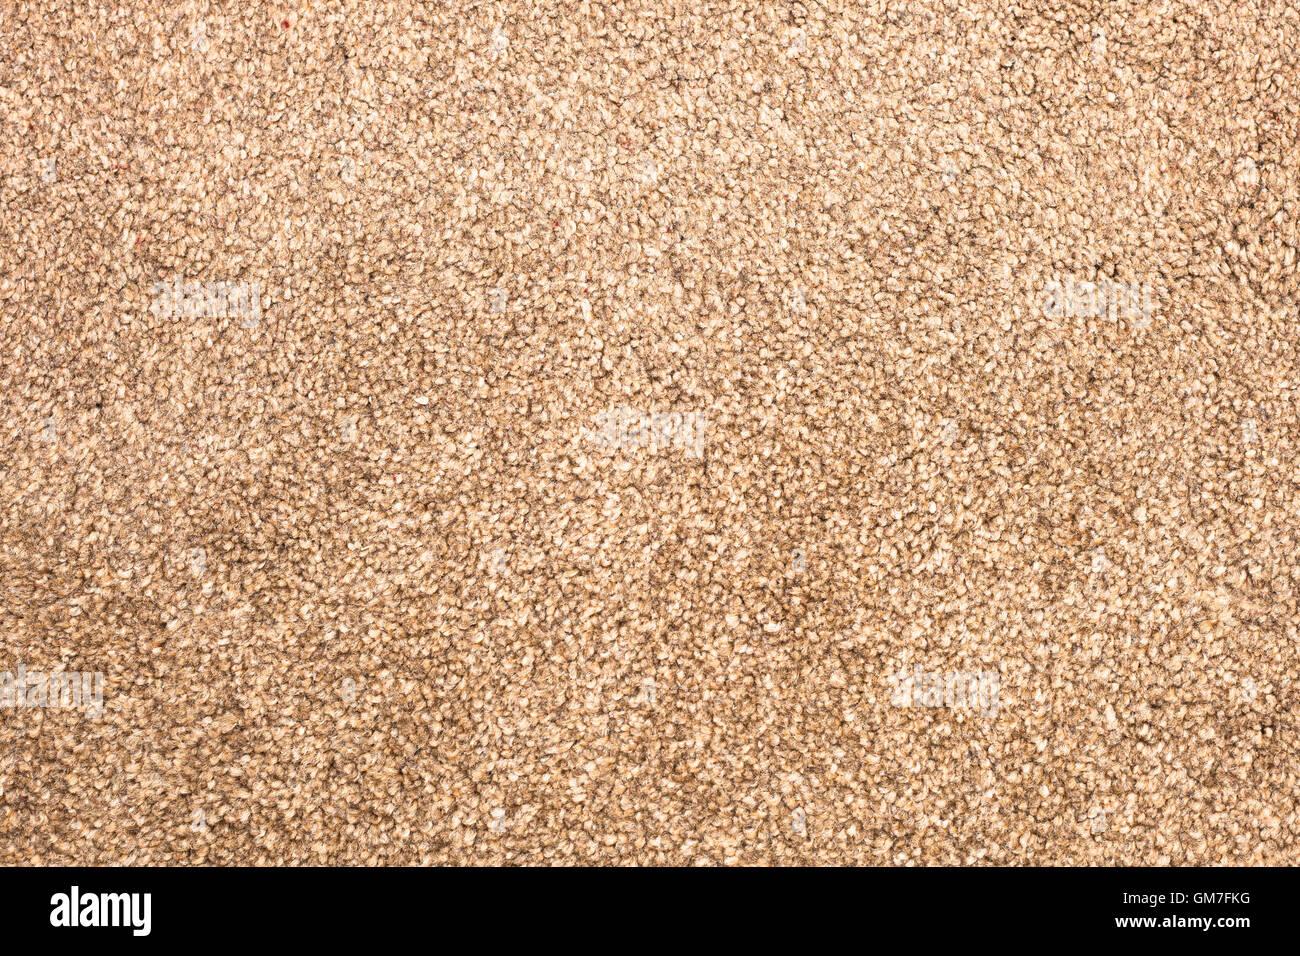 Carpet detail - Stock Image